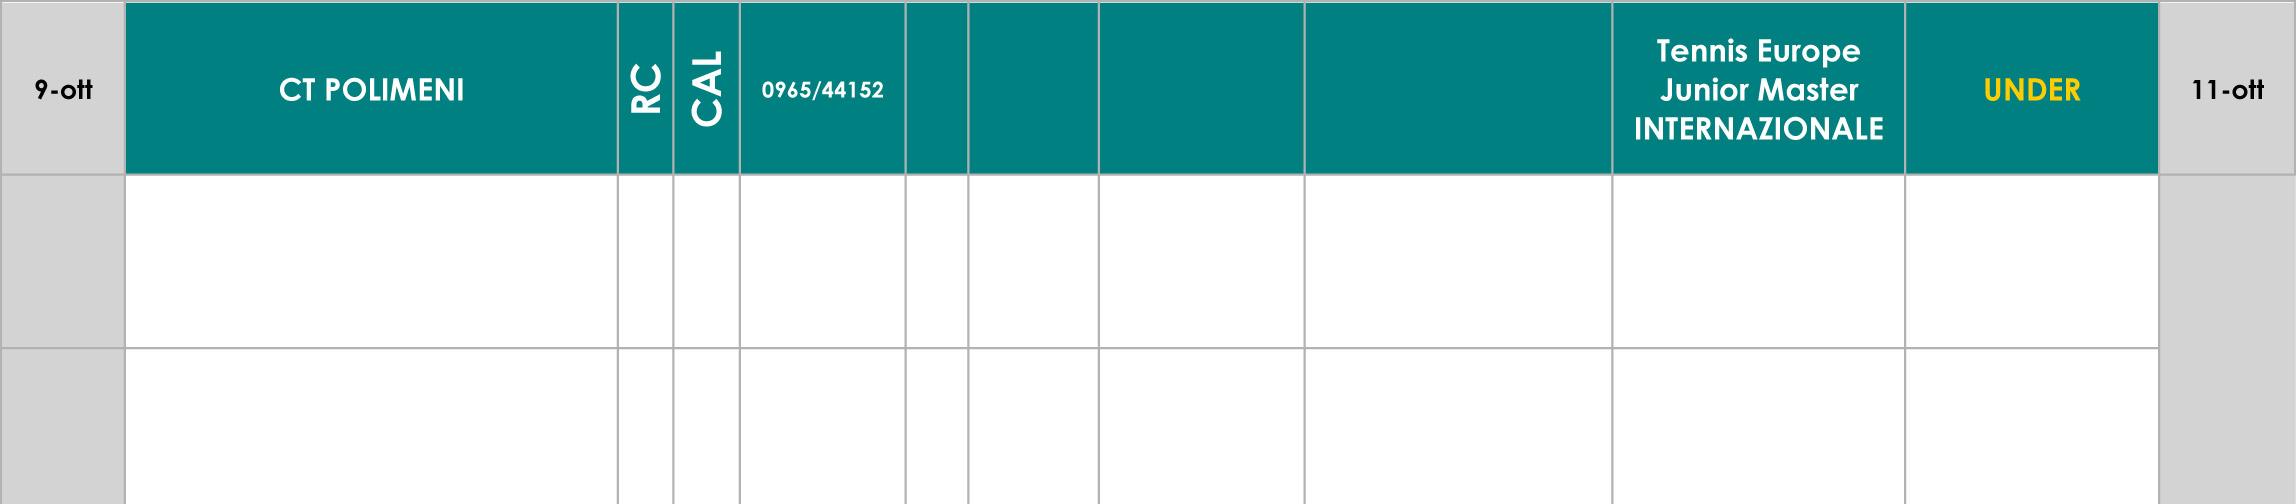 Calendario-Regionale-dei-Tornei-20154